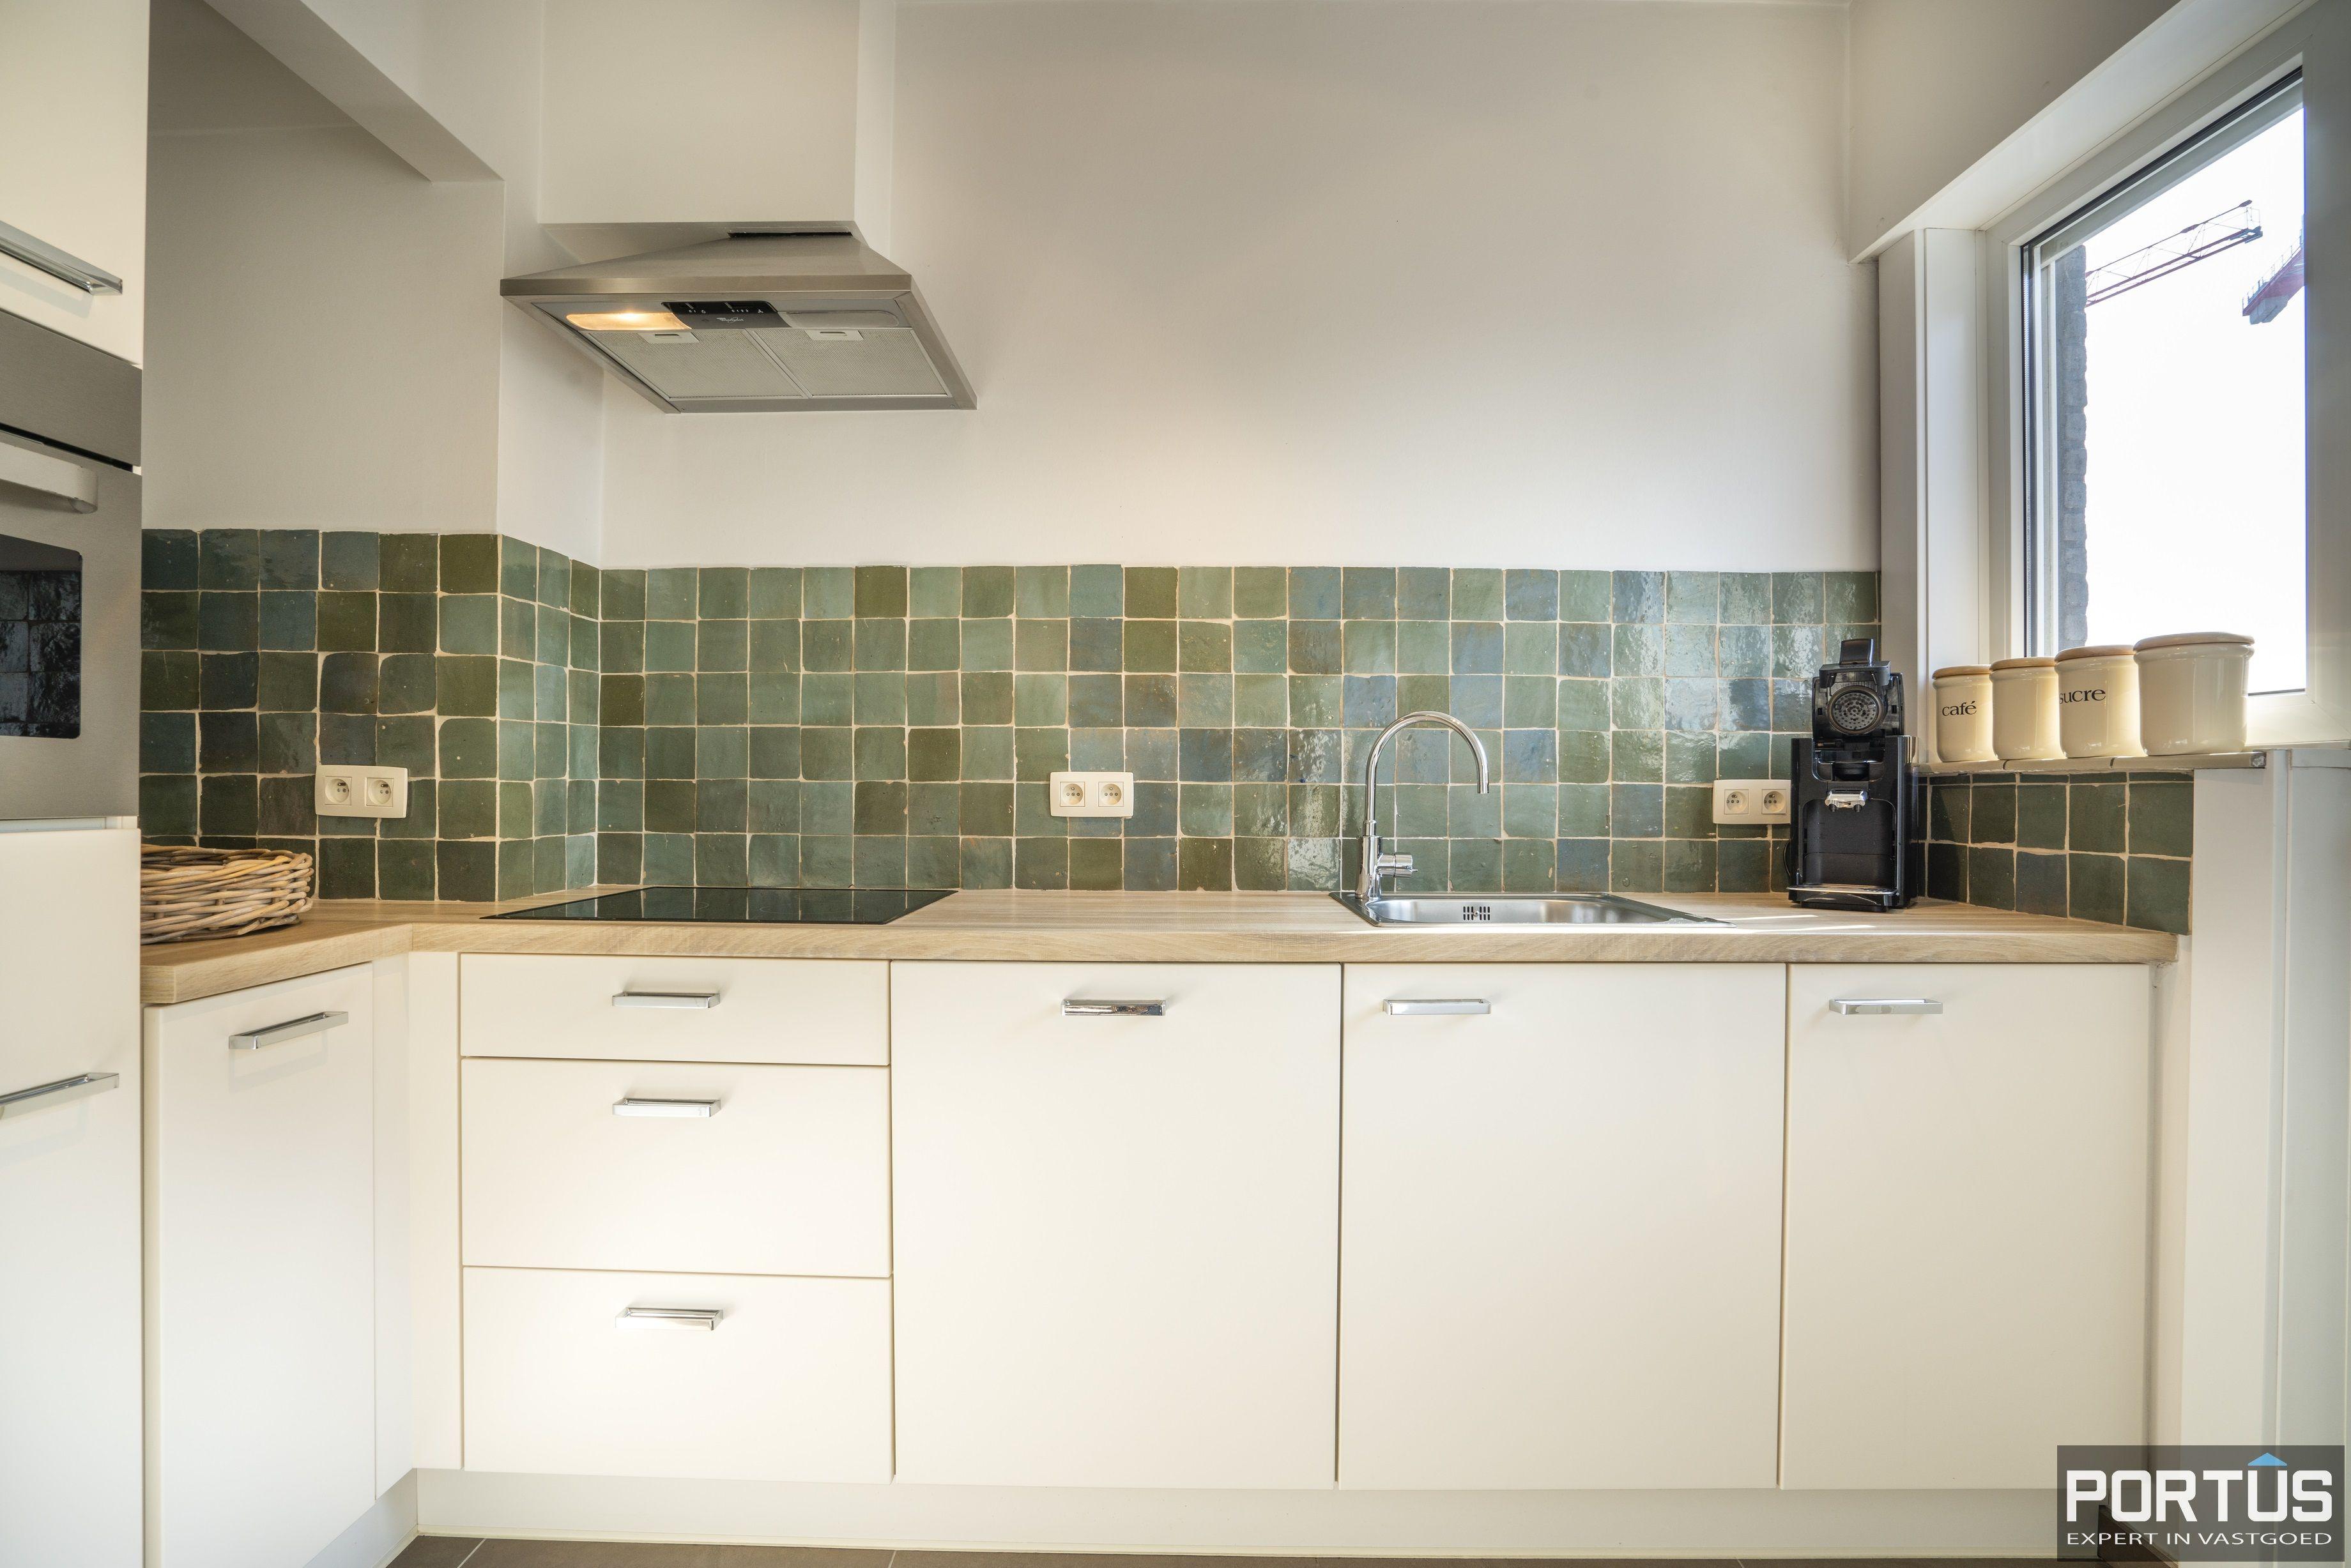 Appartement met 3 slaapkamers te koop te Nieuwpoort-Bad - 13790